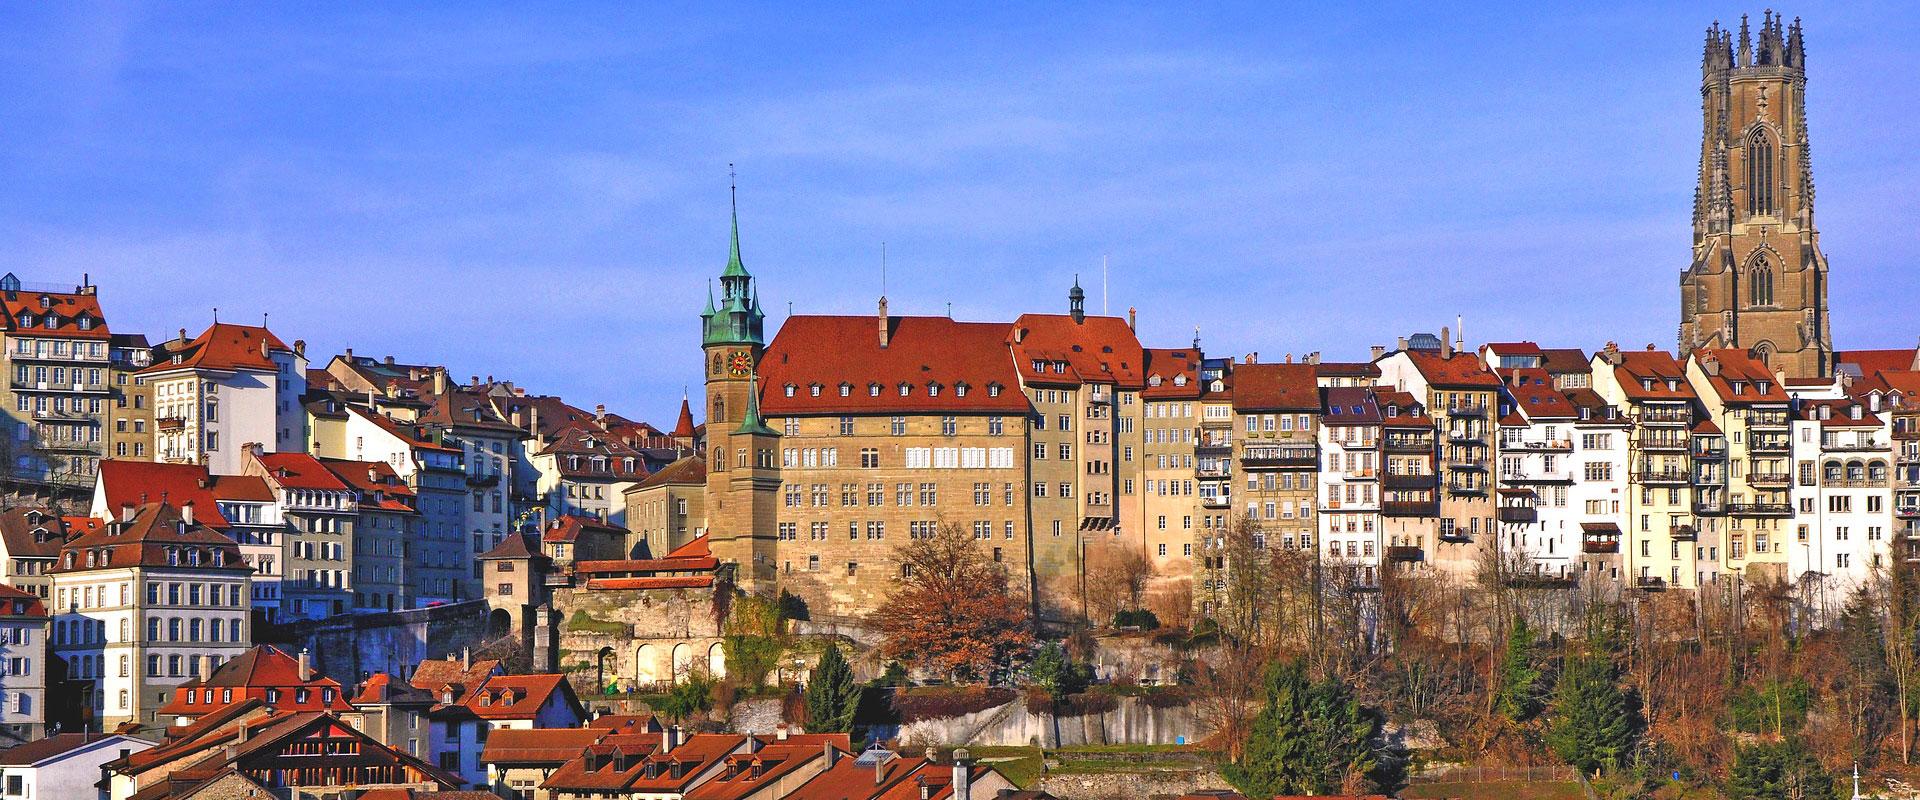 Fribourg - Mittelpunkt des gleichnamigen Kantons